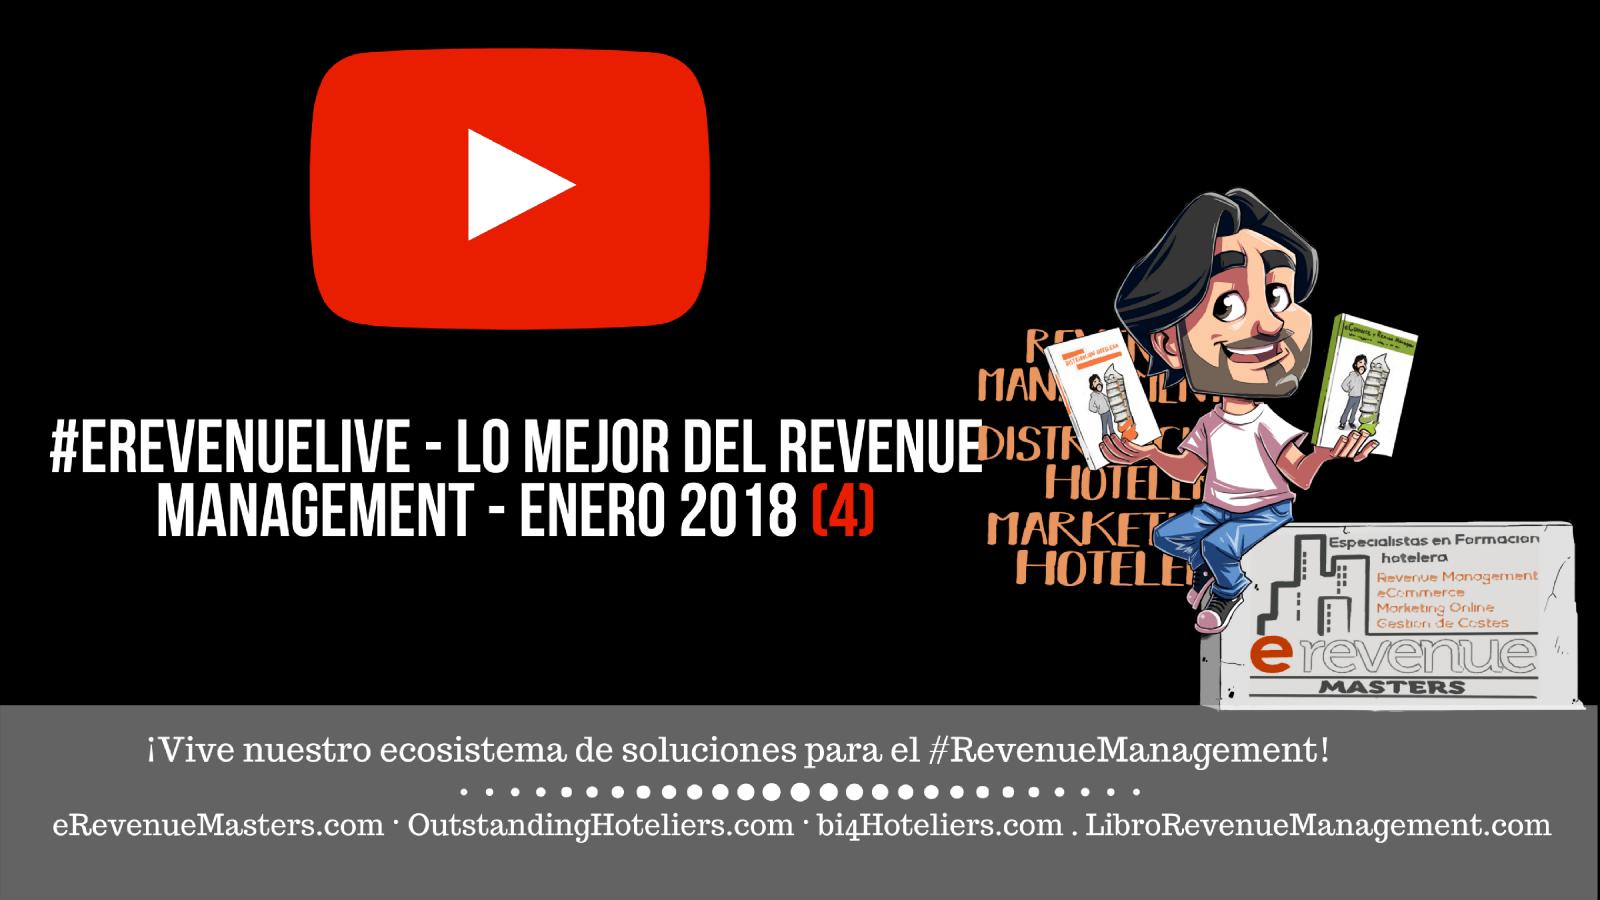 eRevenueMastersTV: enero 2018 (4)- Lo mejor del Revenue Management